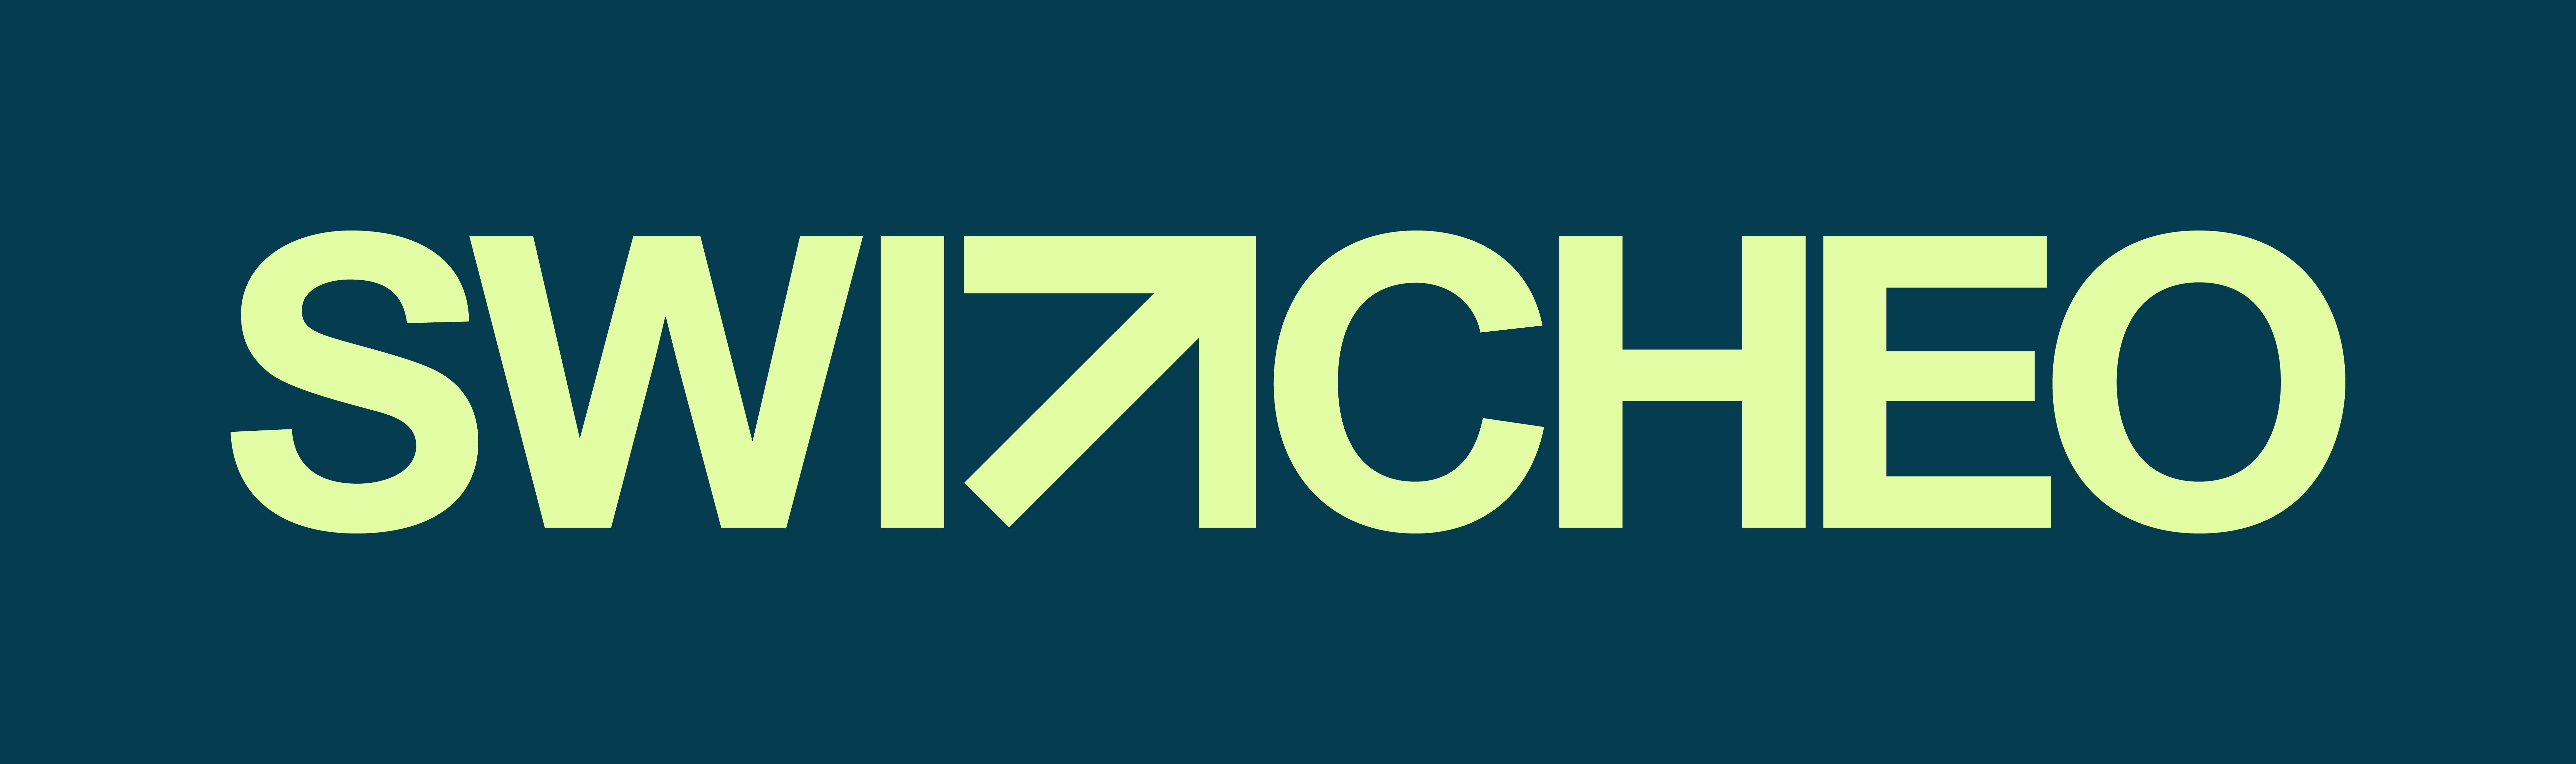 Switcheo Exchange logo